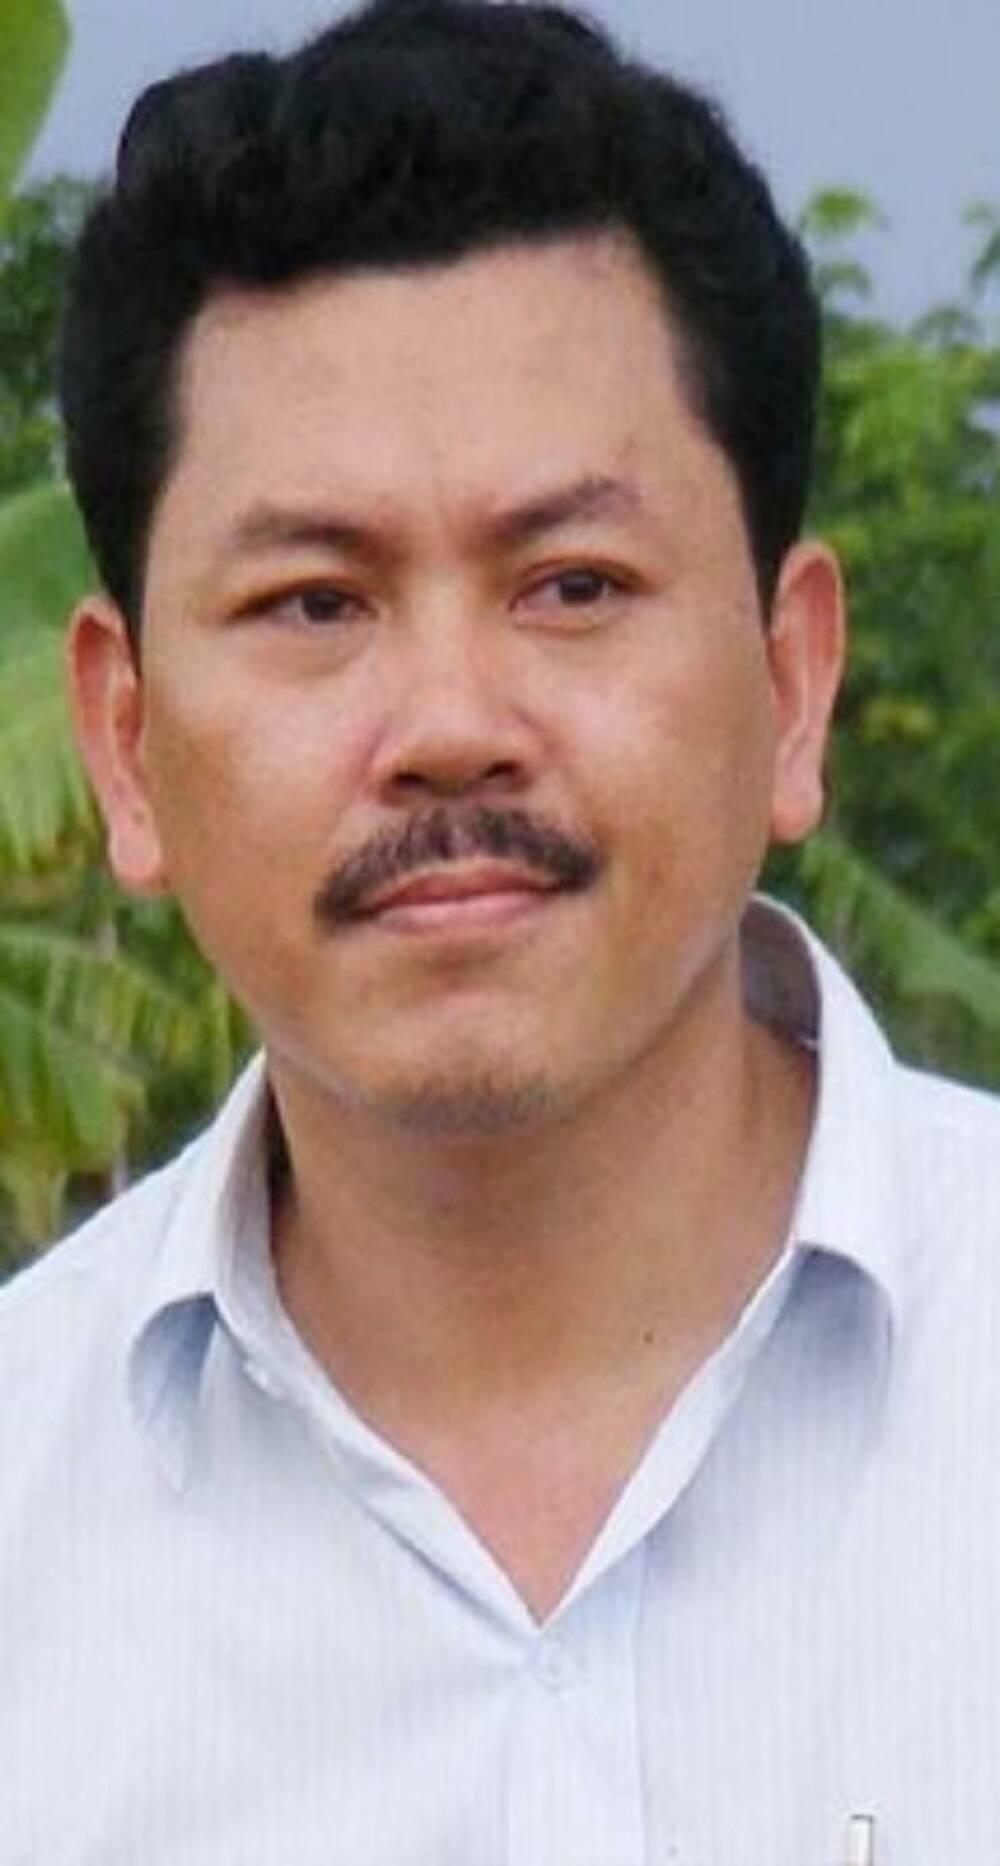 """Bộ Y tế yêu cầu xác minh việc cấp chứng chỉ hành nghề của """"lương y"""" Võ Hoàng Yên đang bị tố lừa đảo"""